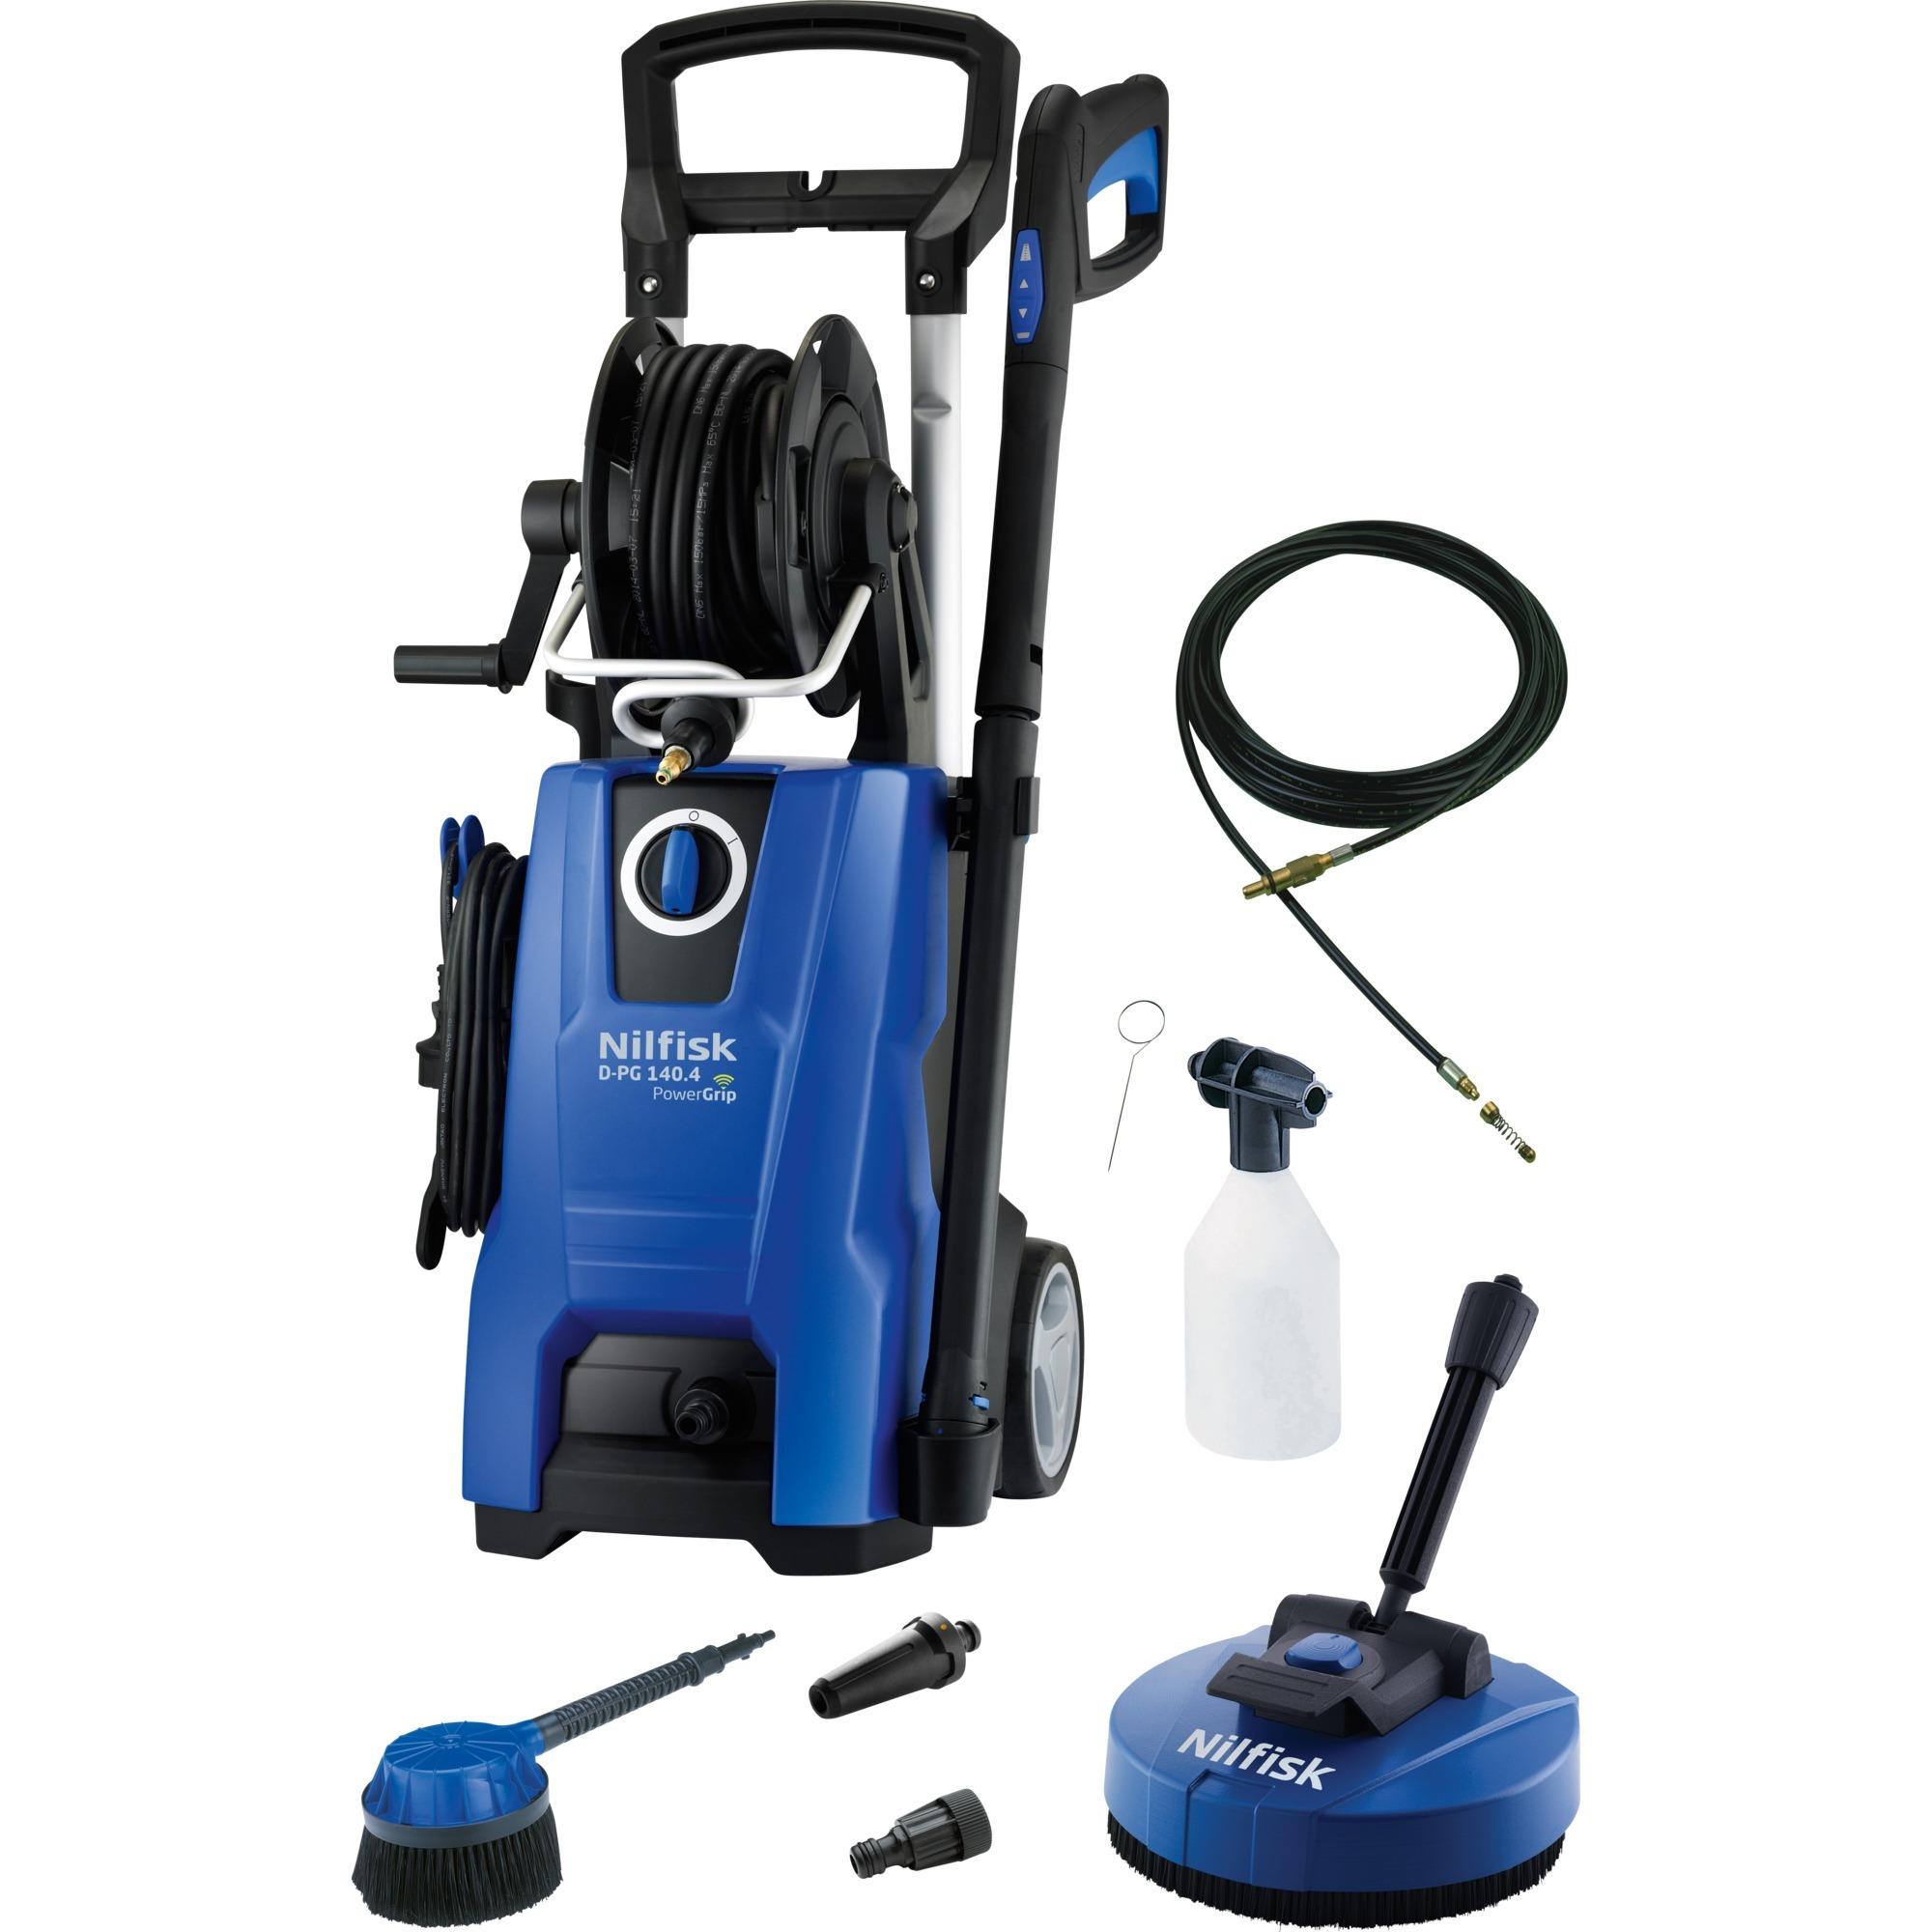 D 140.4-9 PAD X-TRA Vertical Eléctrico 500, 450l/h 2400W Negro, Azul Limpiadora de alta presión o Hidrolimpiadora, Hidrolimpiadora de alta presión